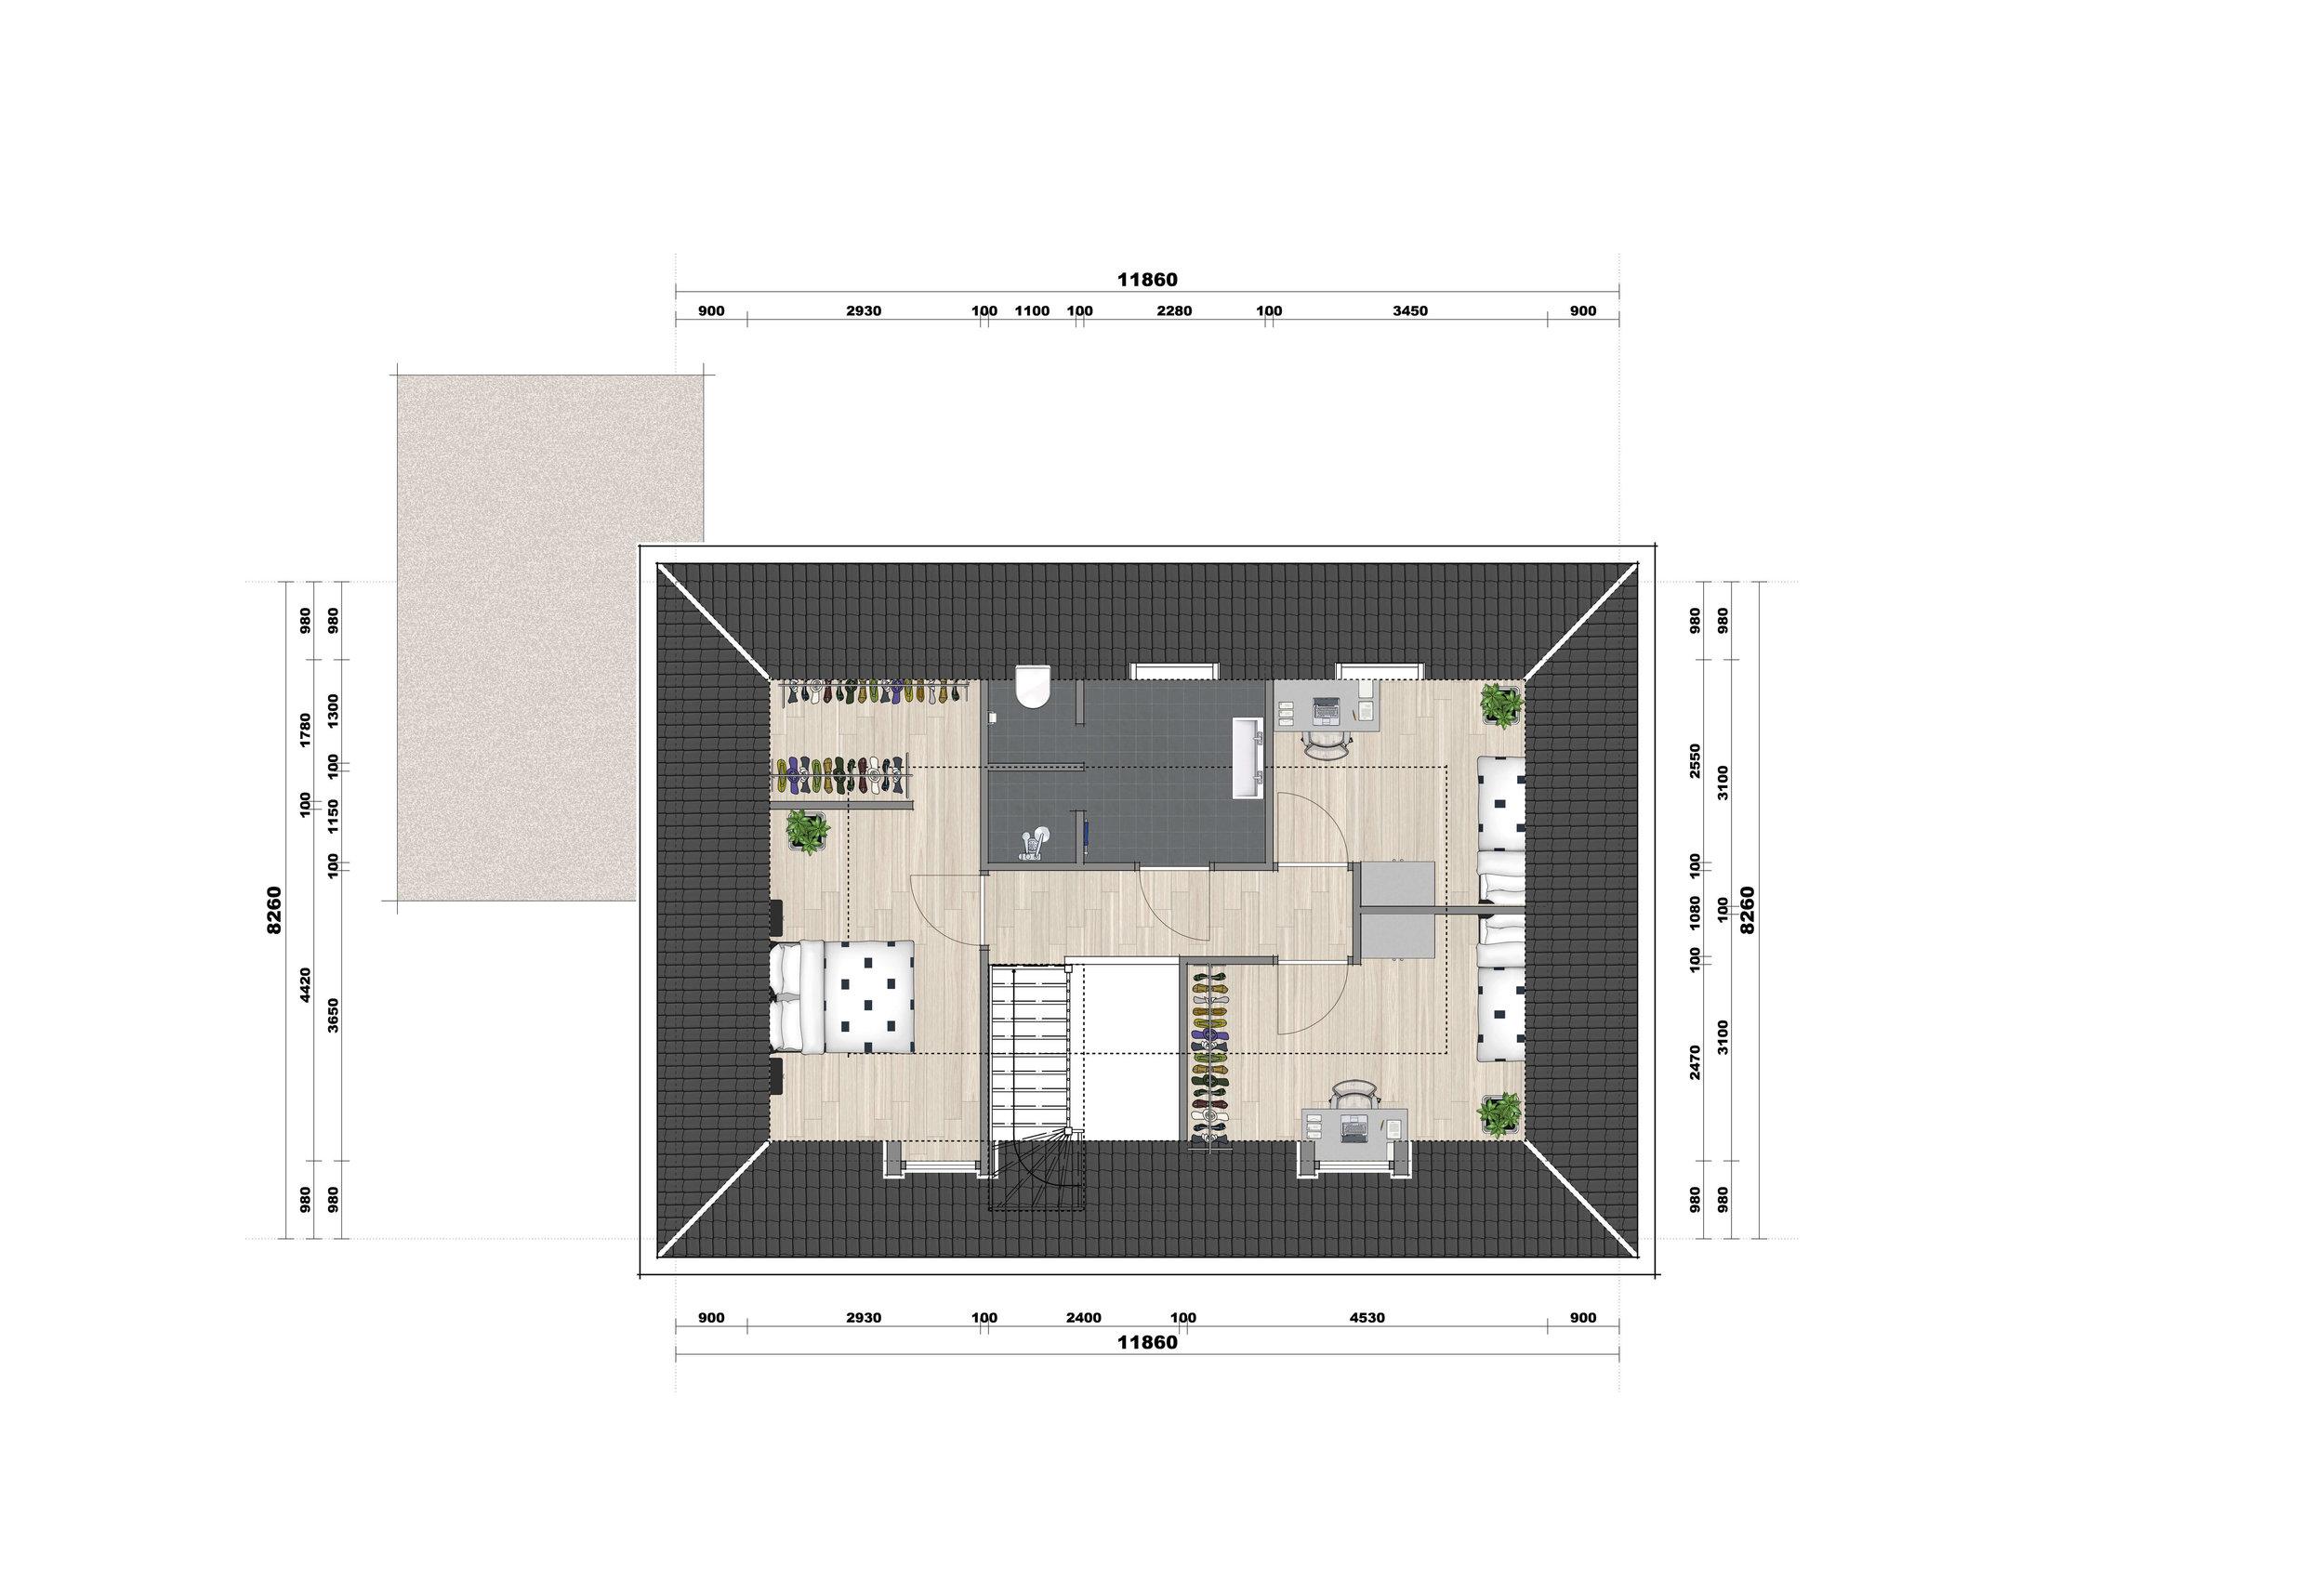 Verdieping OudeschansI.jpg